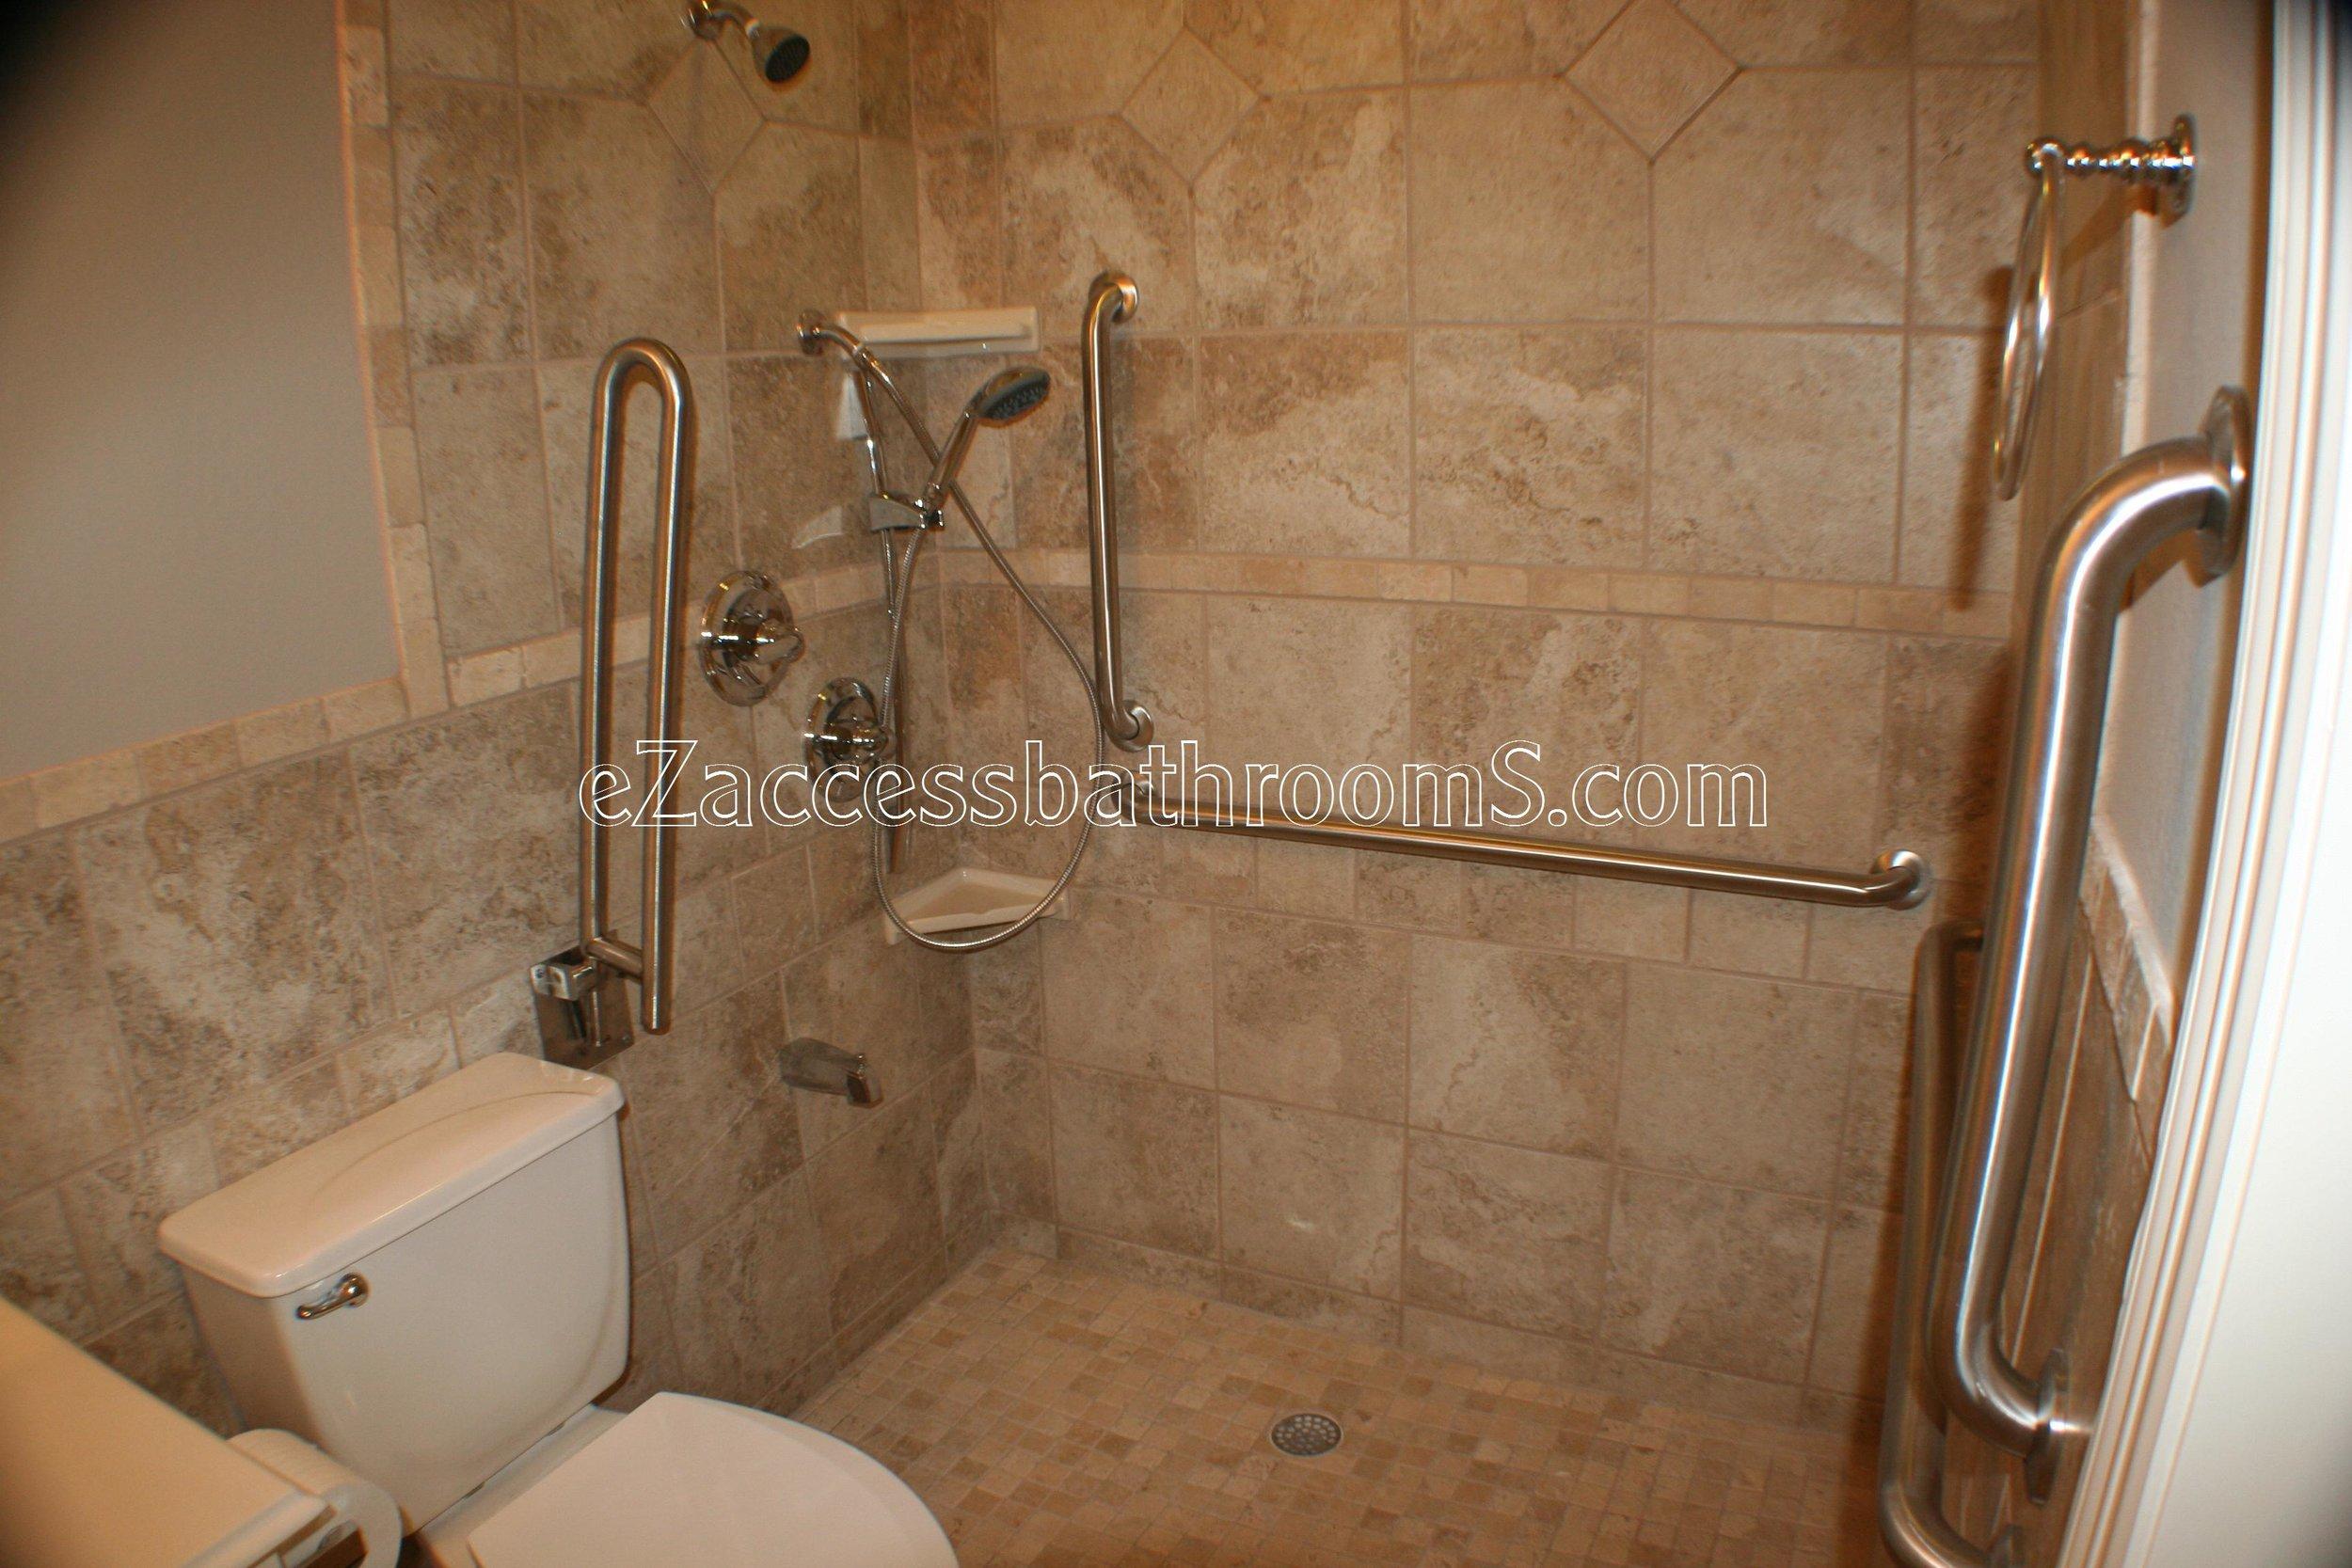 handicap bathroom 01 ezacessbathrooms.com 005.jpg